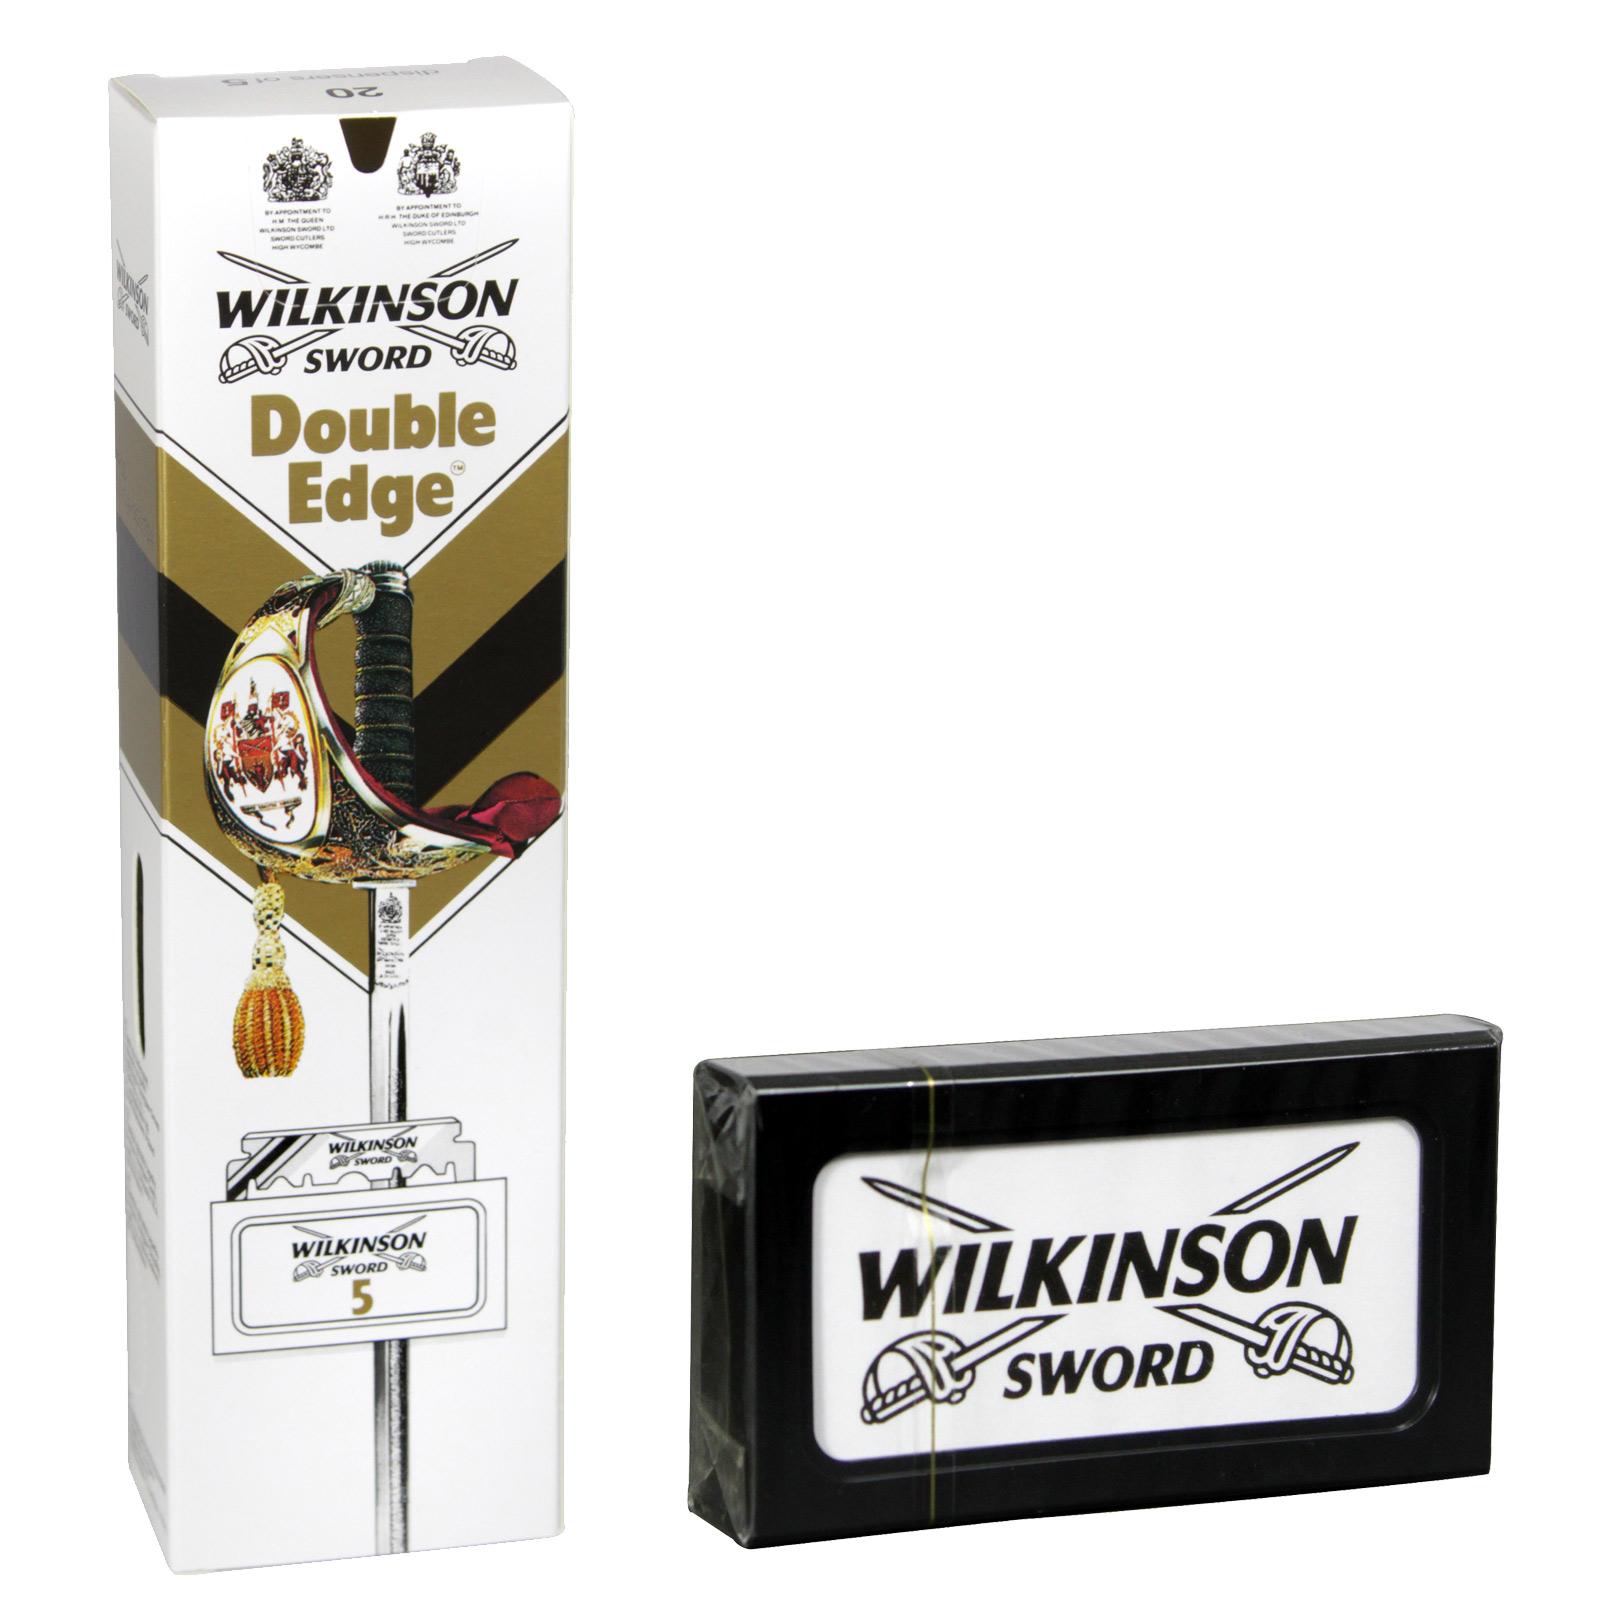 WILKINSON DOUBLE EDGE BLADE 5S 1.99 X20